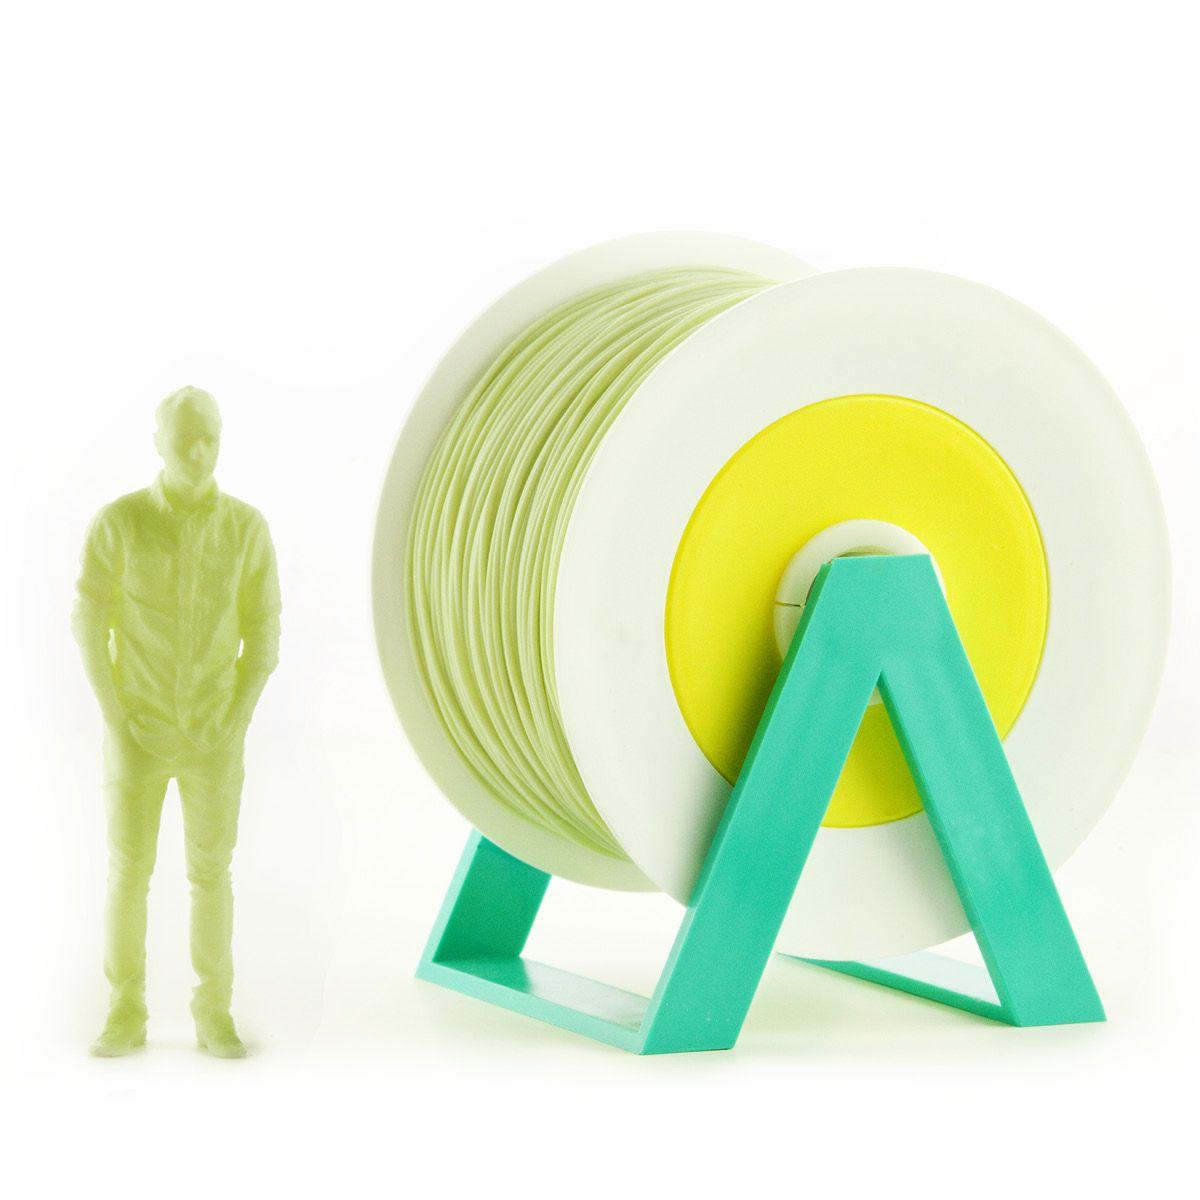 PLA Filament | Color: Water Green